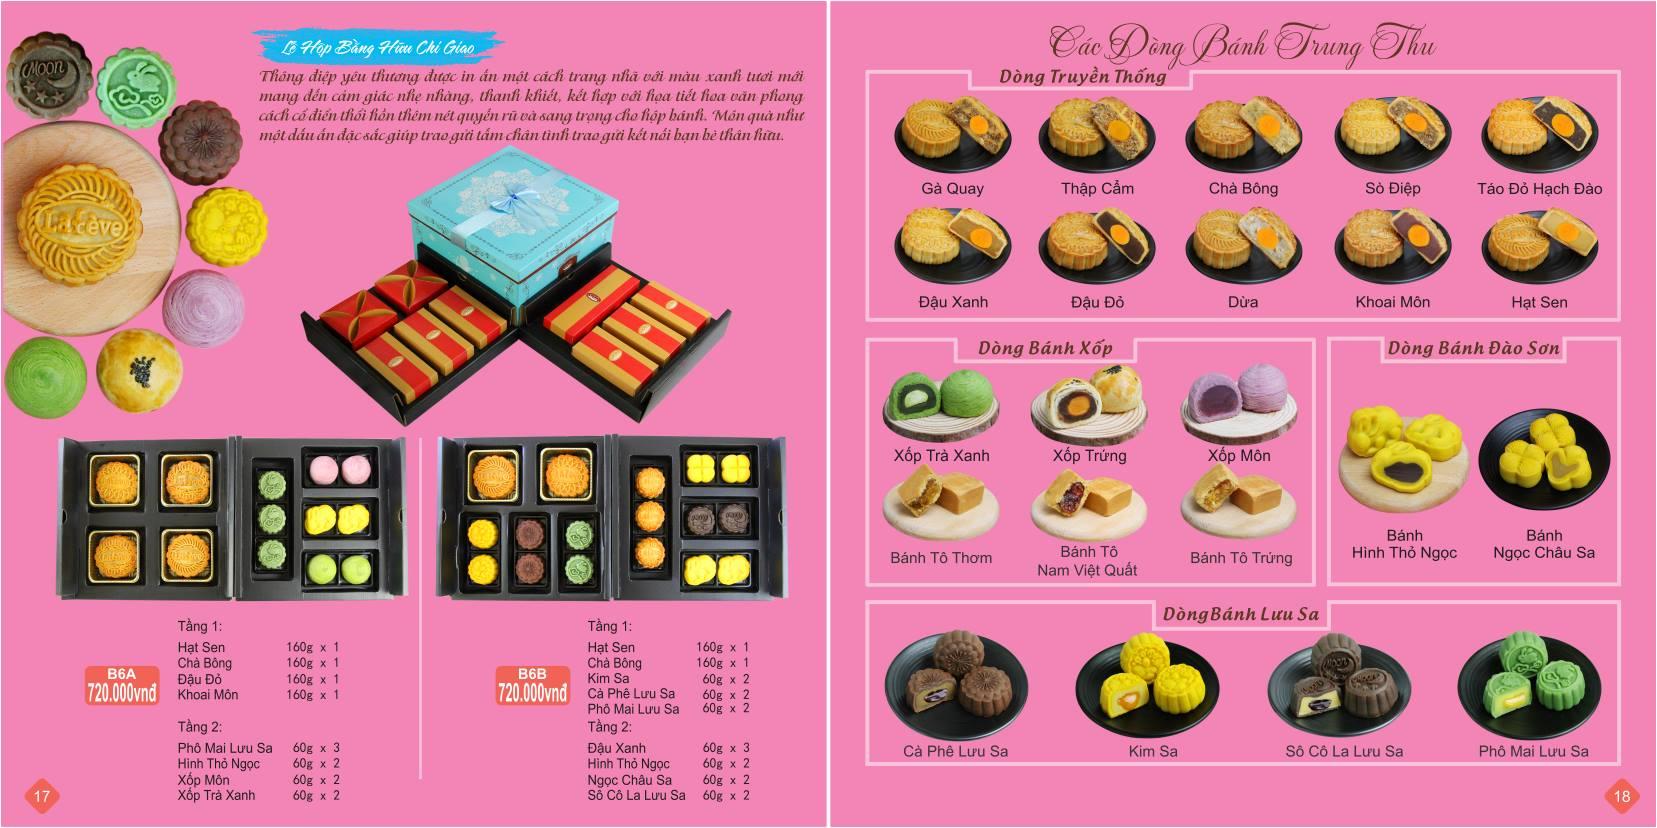 Lafeve Bakery